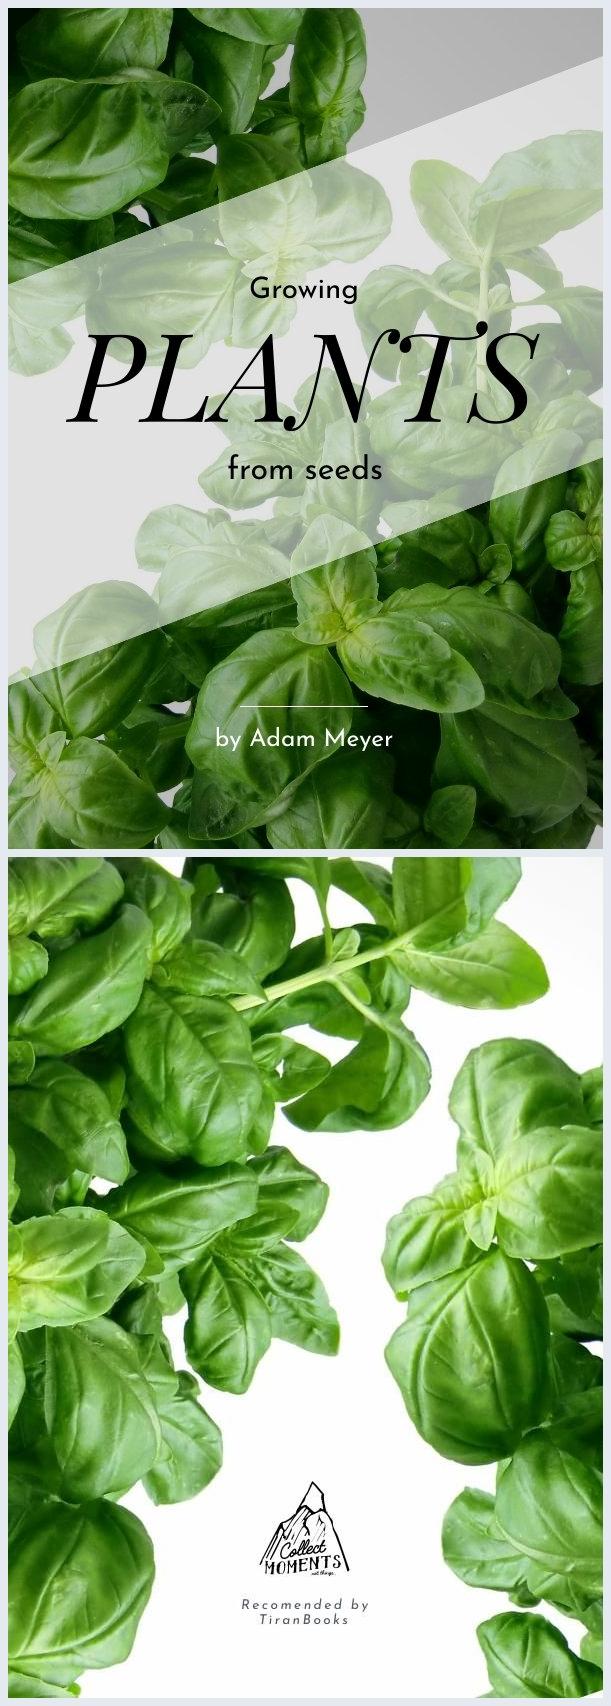 Portada de libro de cultivo de plantas